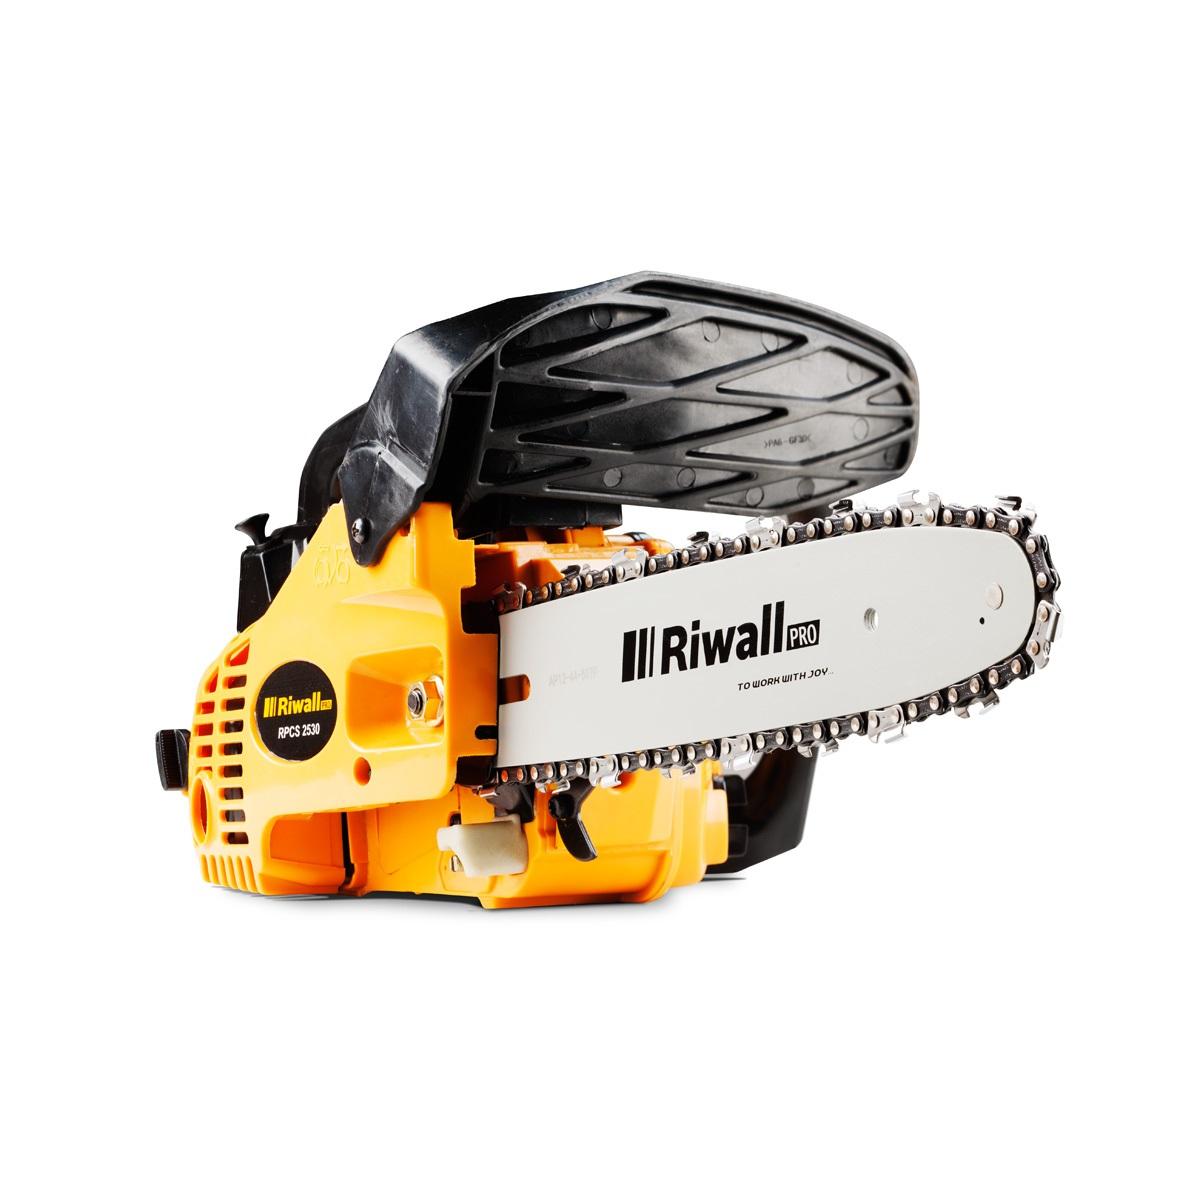 Řetězová vyvětvovací pila s benzinovým motorem Riwall PRO RPCS 2530